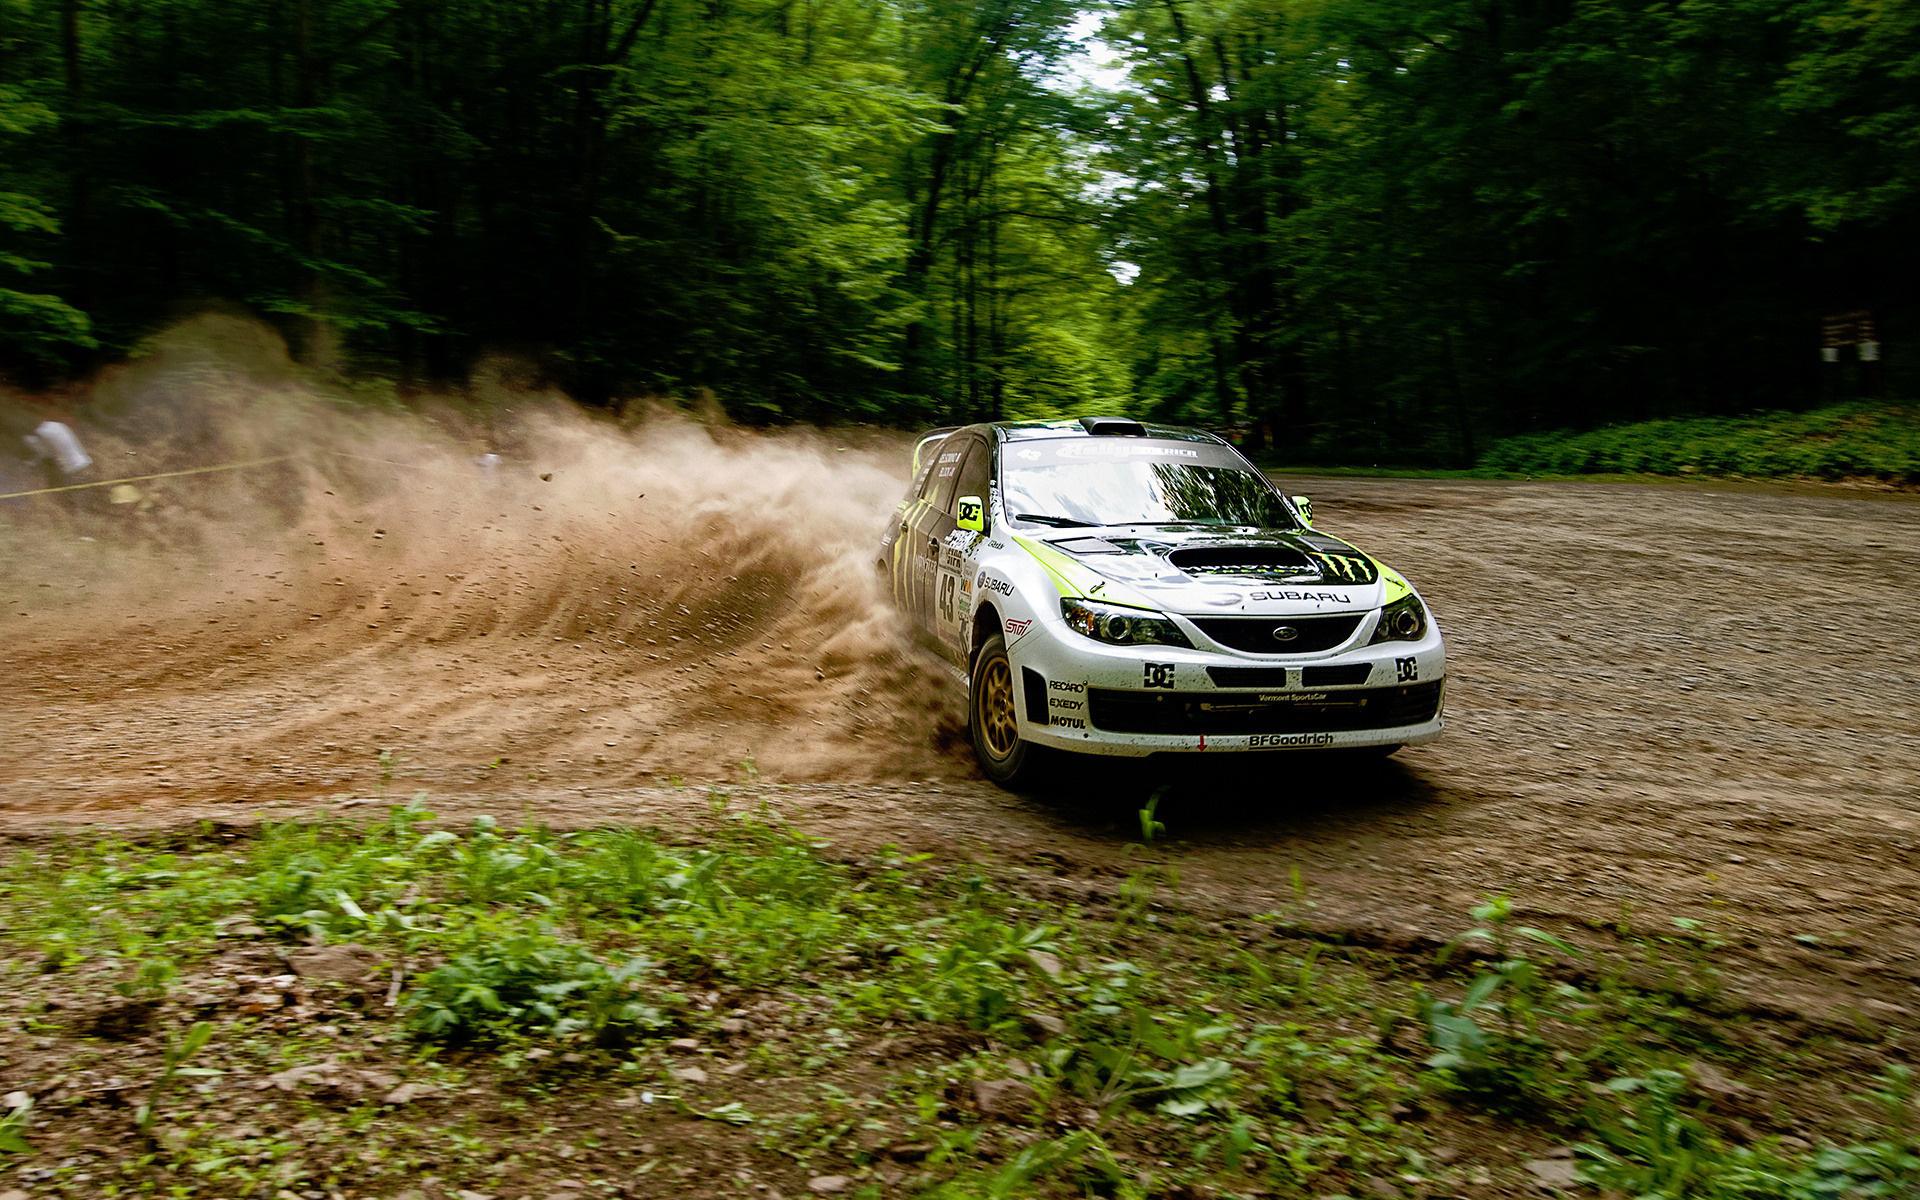 Wallpaper Subaru wrx ken block drift dust Subaru impreza 1920x1200